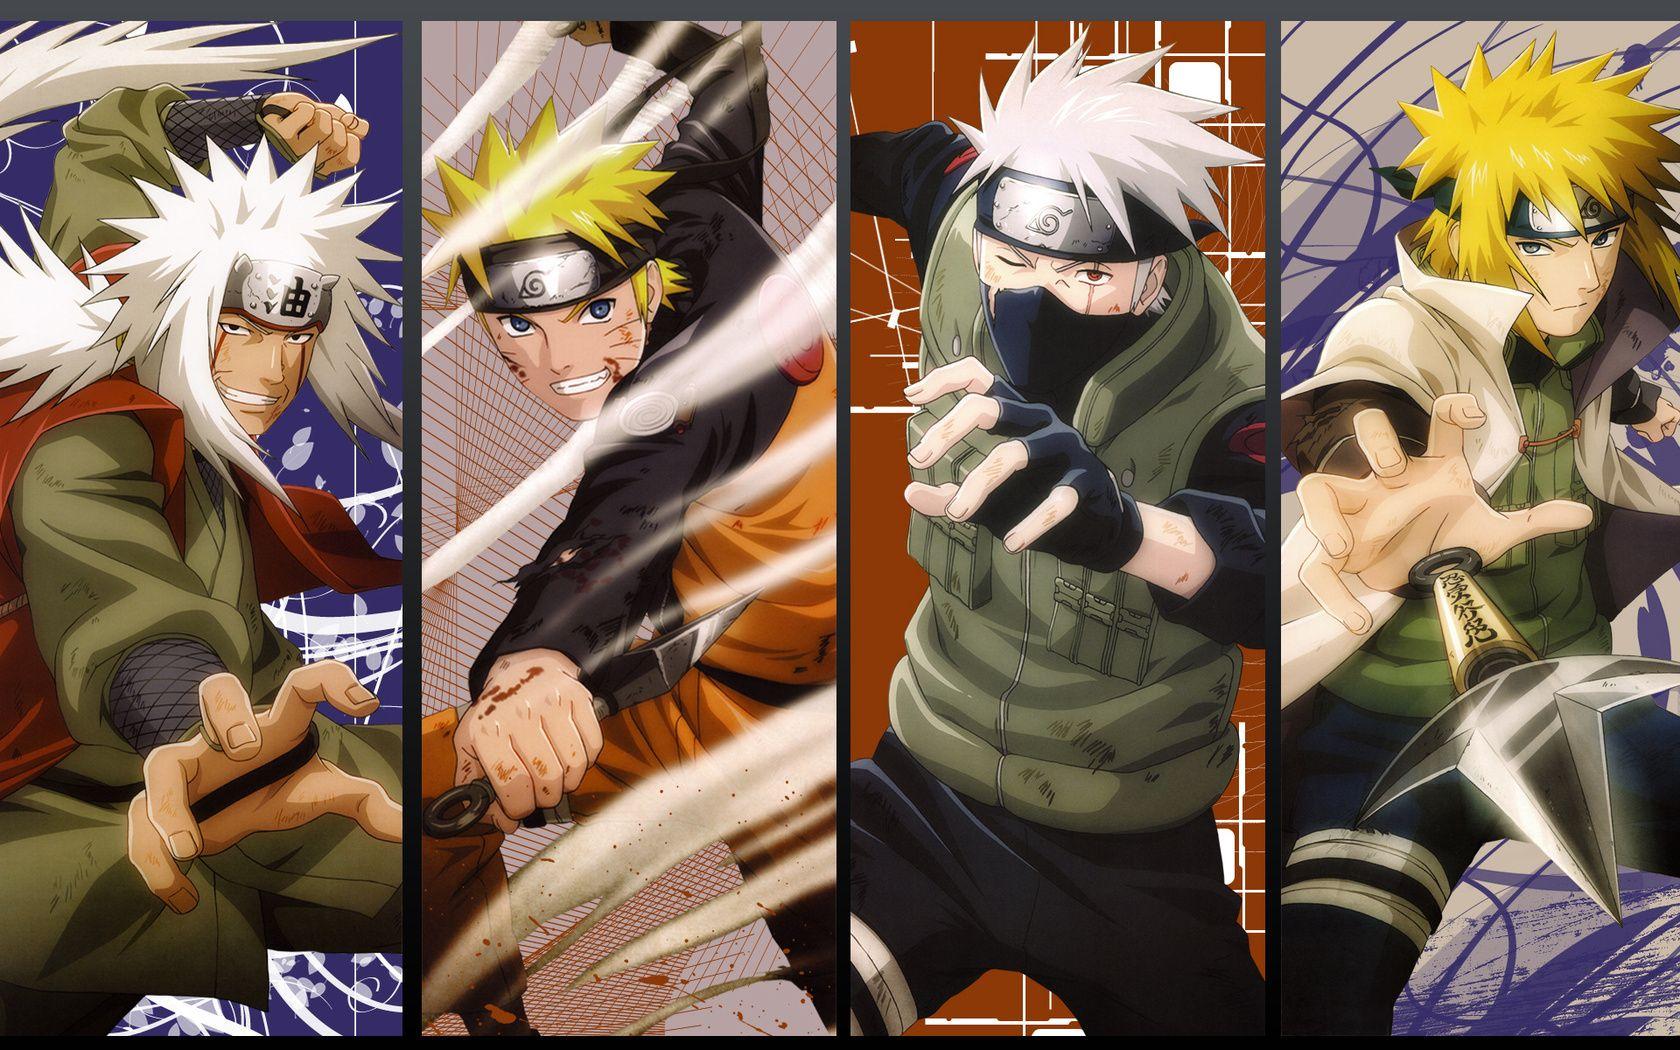 Jiraiya Naruto Kakashi Minato Master Apprentice Naruto Shippuden Wallpaper Jiraya Papel De Parede Naruto Kakashi